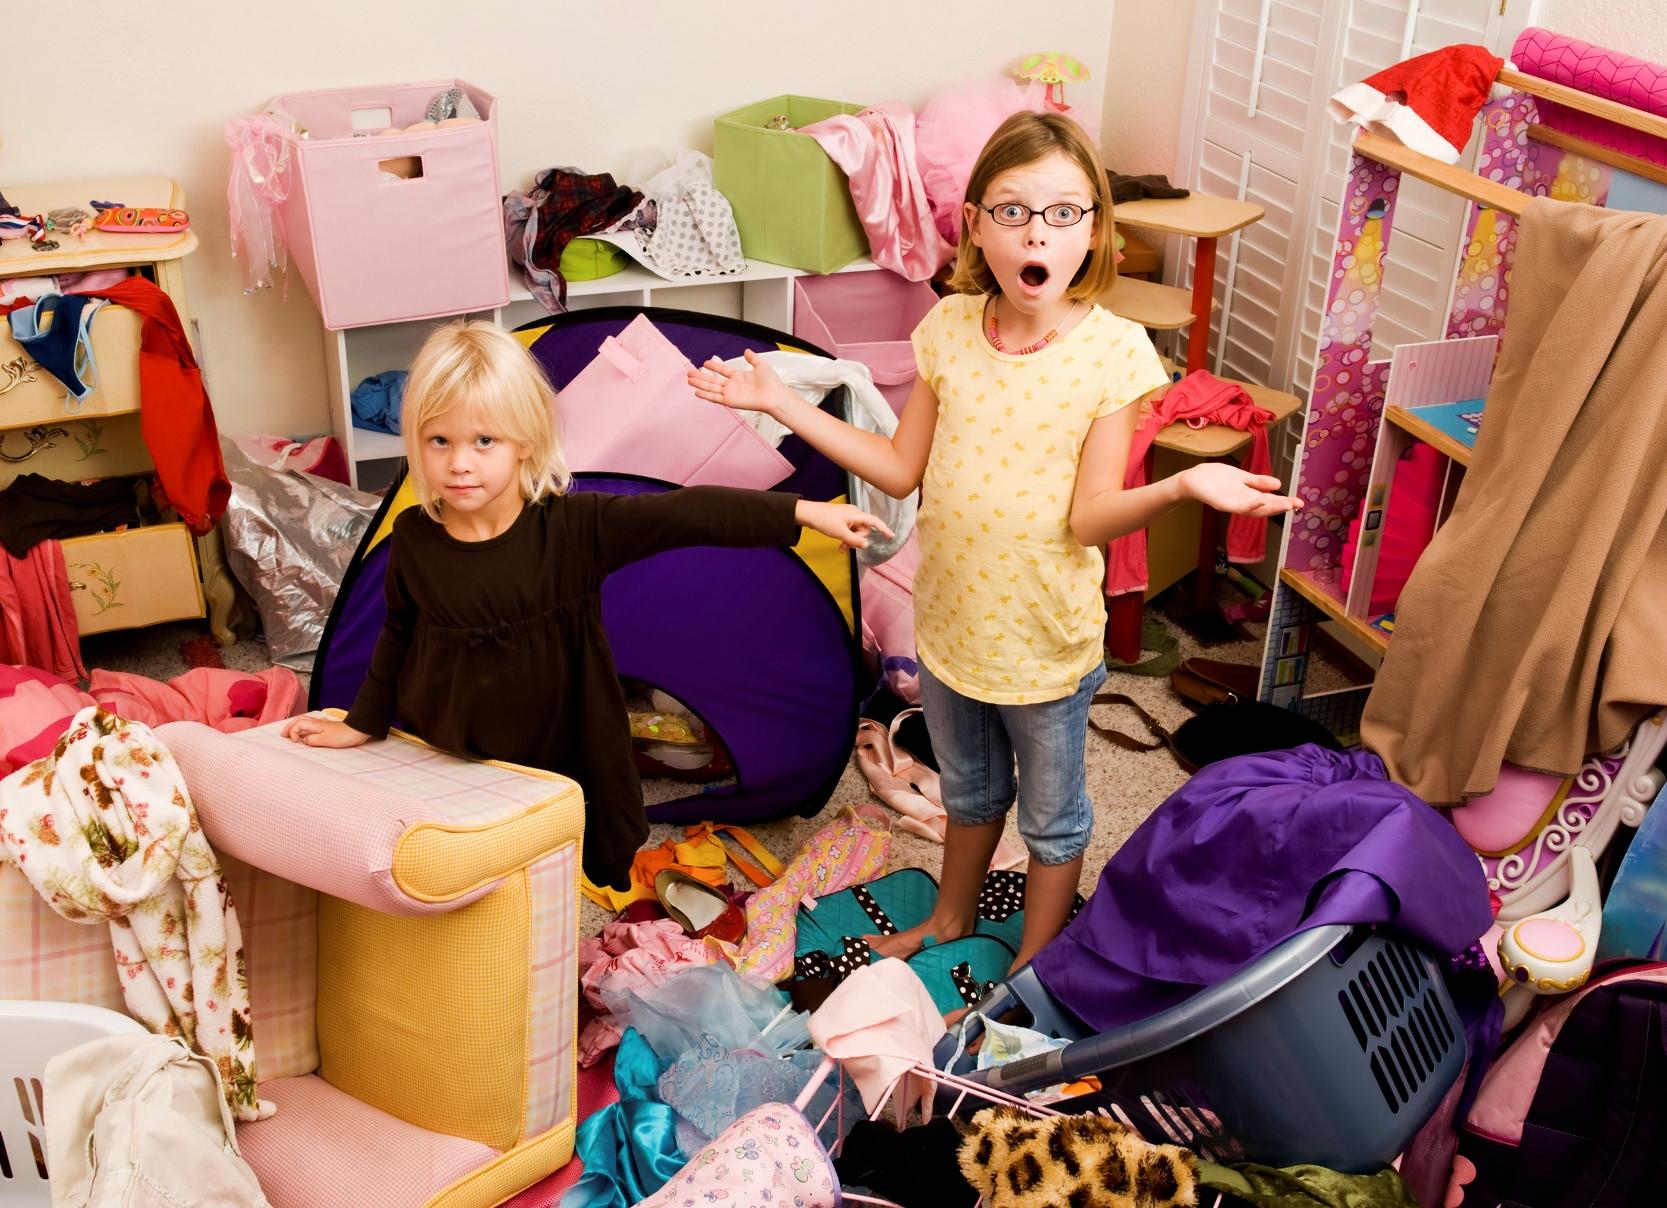 Дети и бардак в комнате